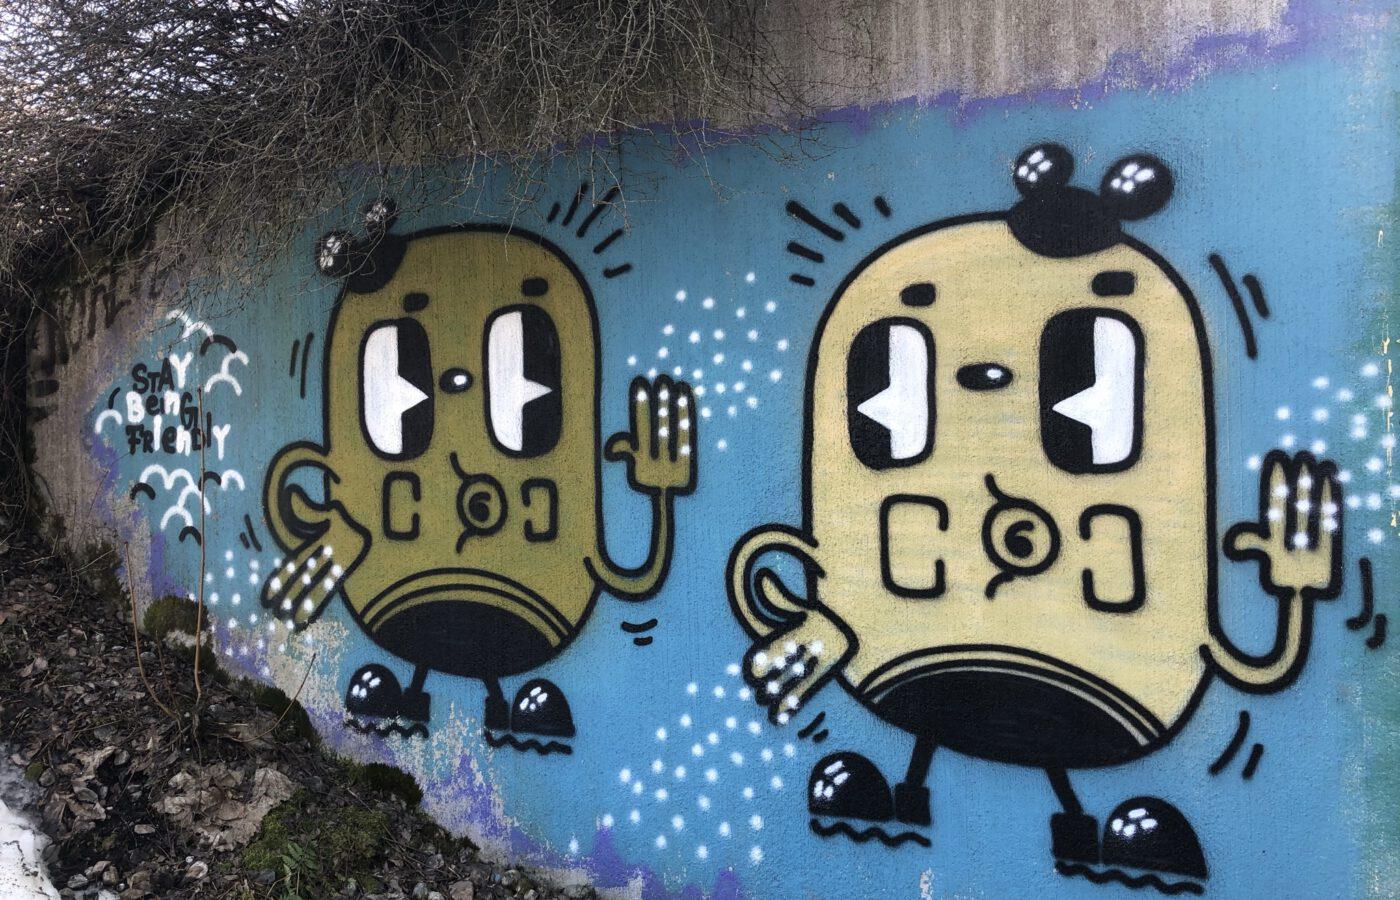 Kuvassa graffitikuva, jossa kaksi perunanmallista hahmoa heiluttelee toisilleen, kuva on koristeellinen.